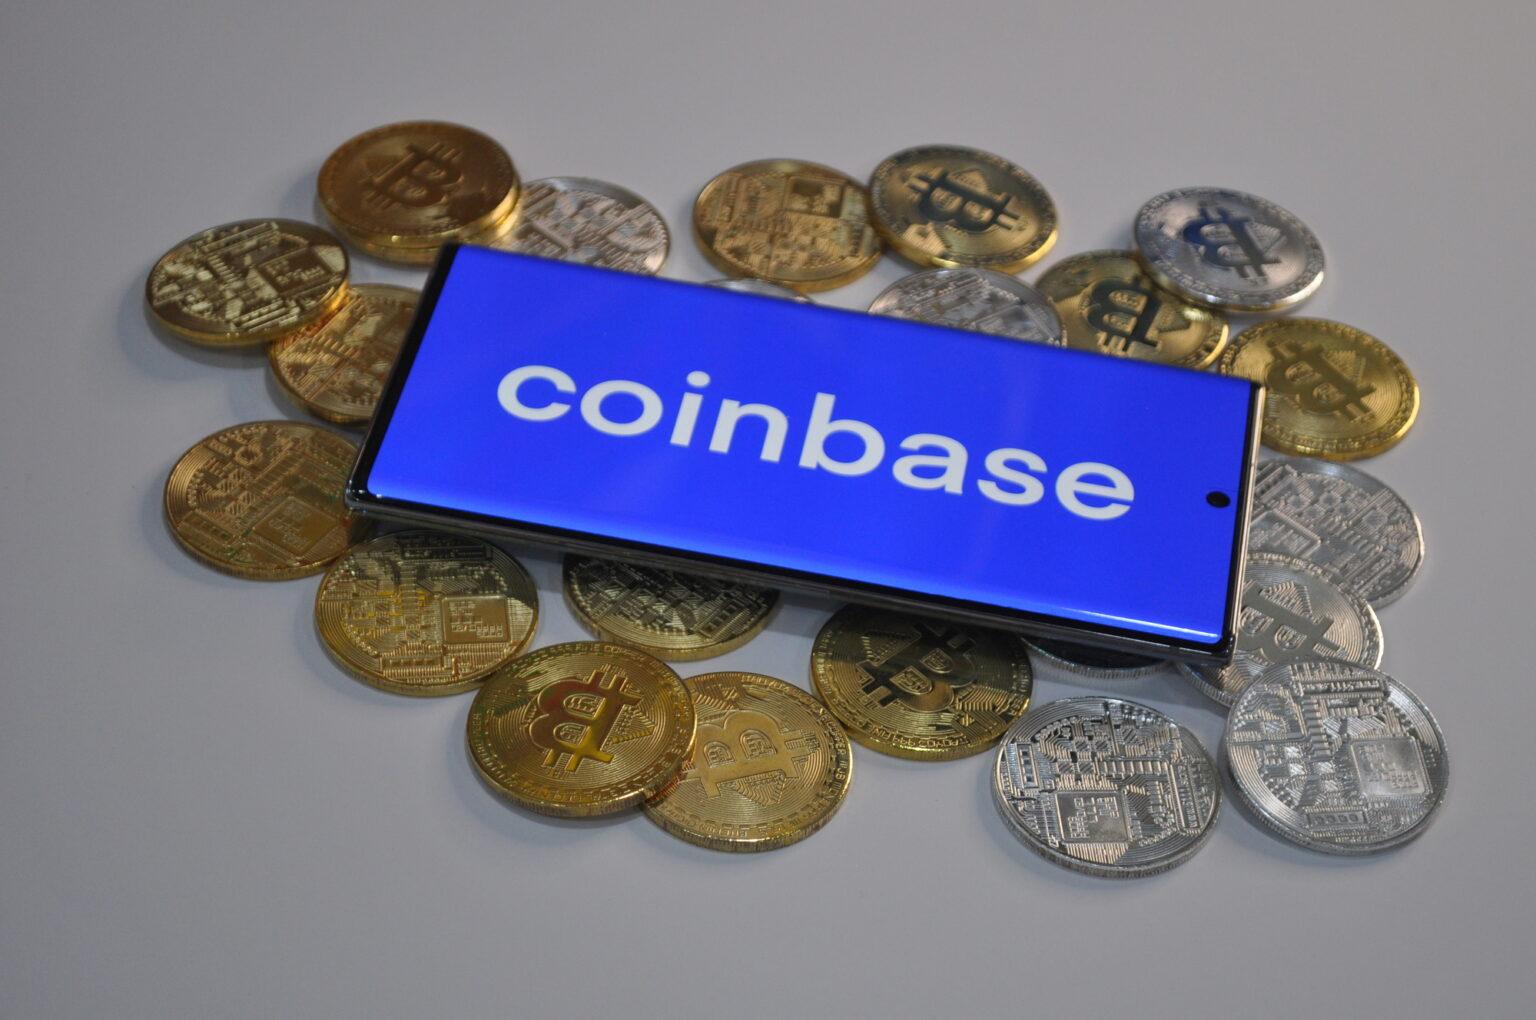 Coinbase plans capital raise through senior notes